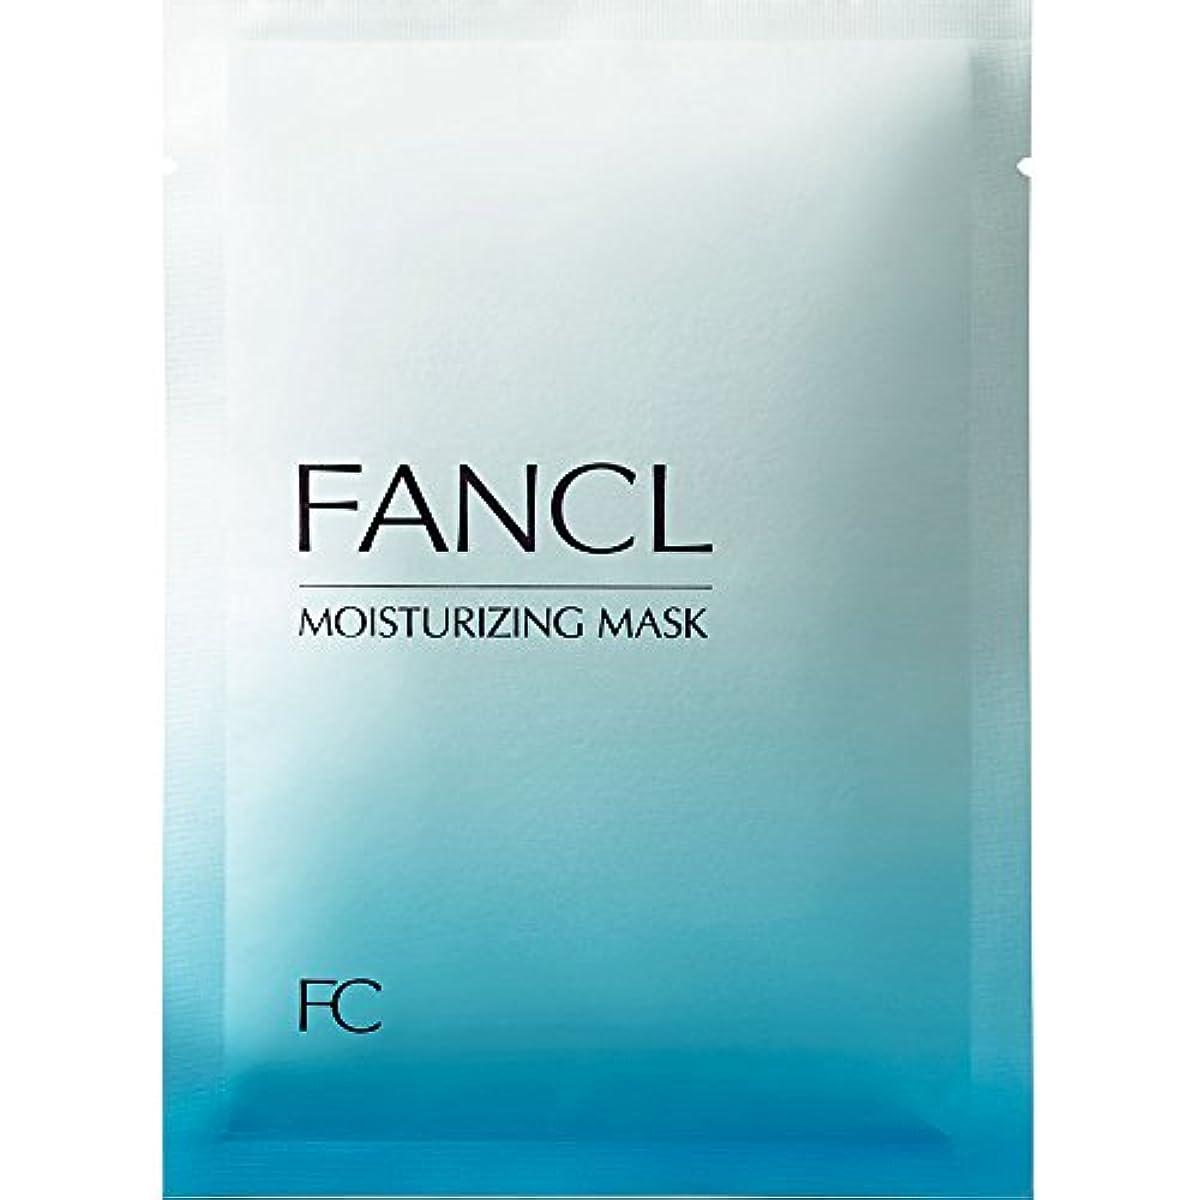 [해외] FANCL 판클 모이스처라이징 마스크 18mlx6매